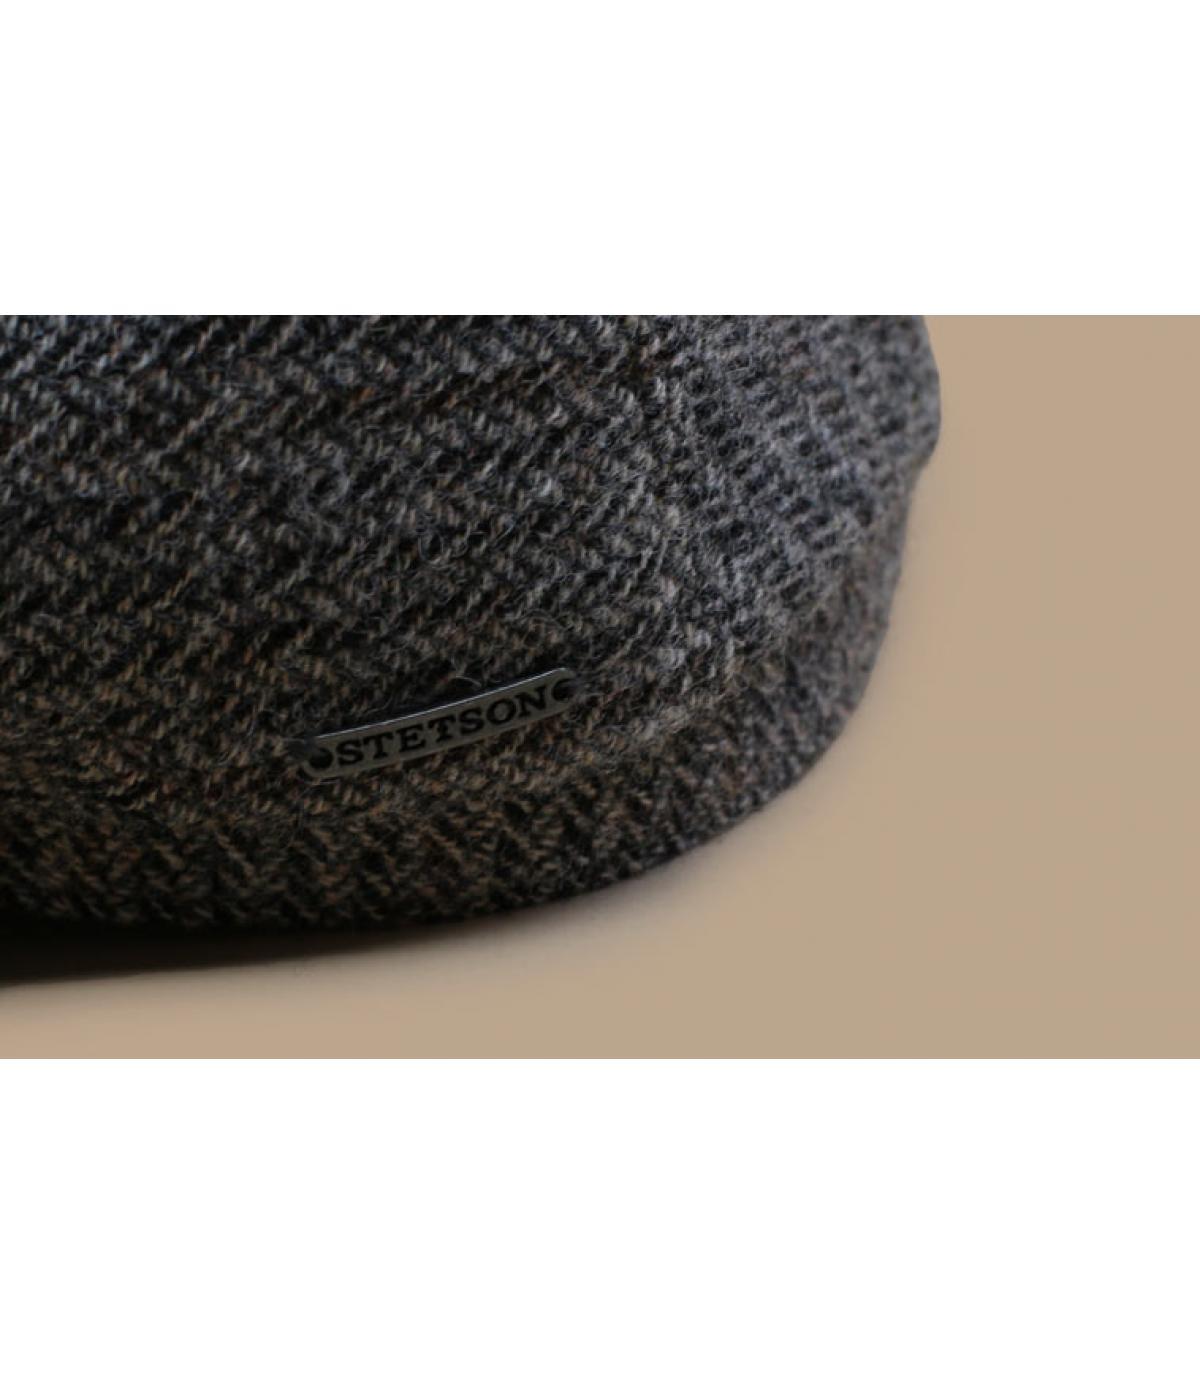 Details Driver Cap Virgin Wool Herringbone grey - afbeeling 3